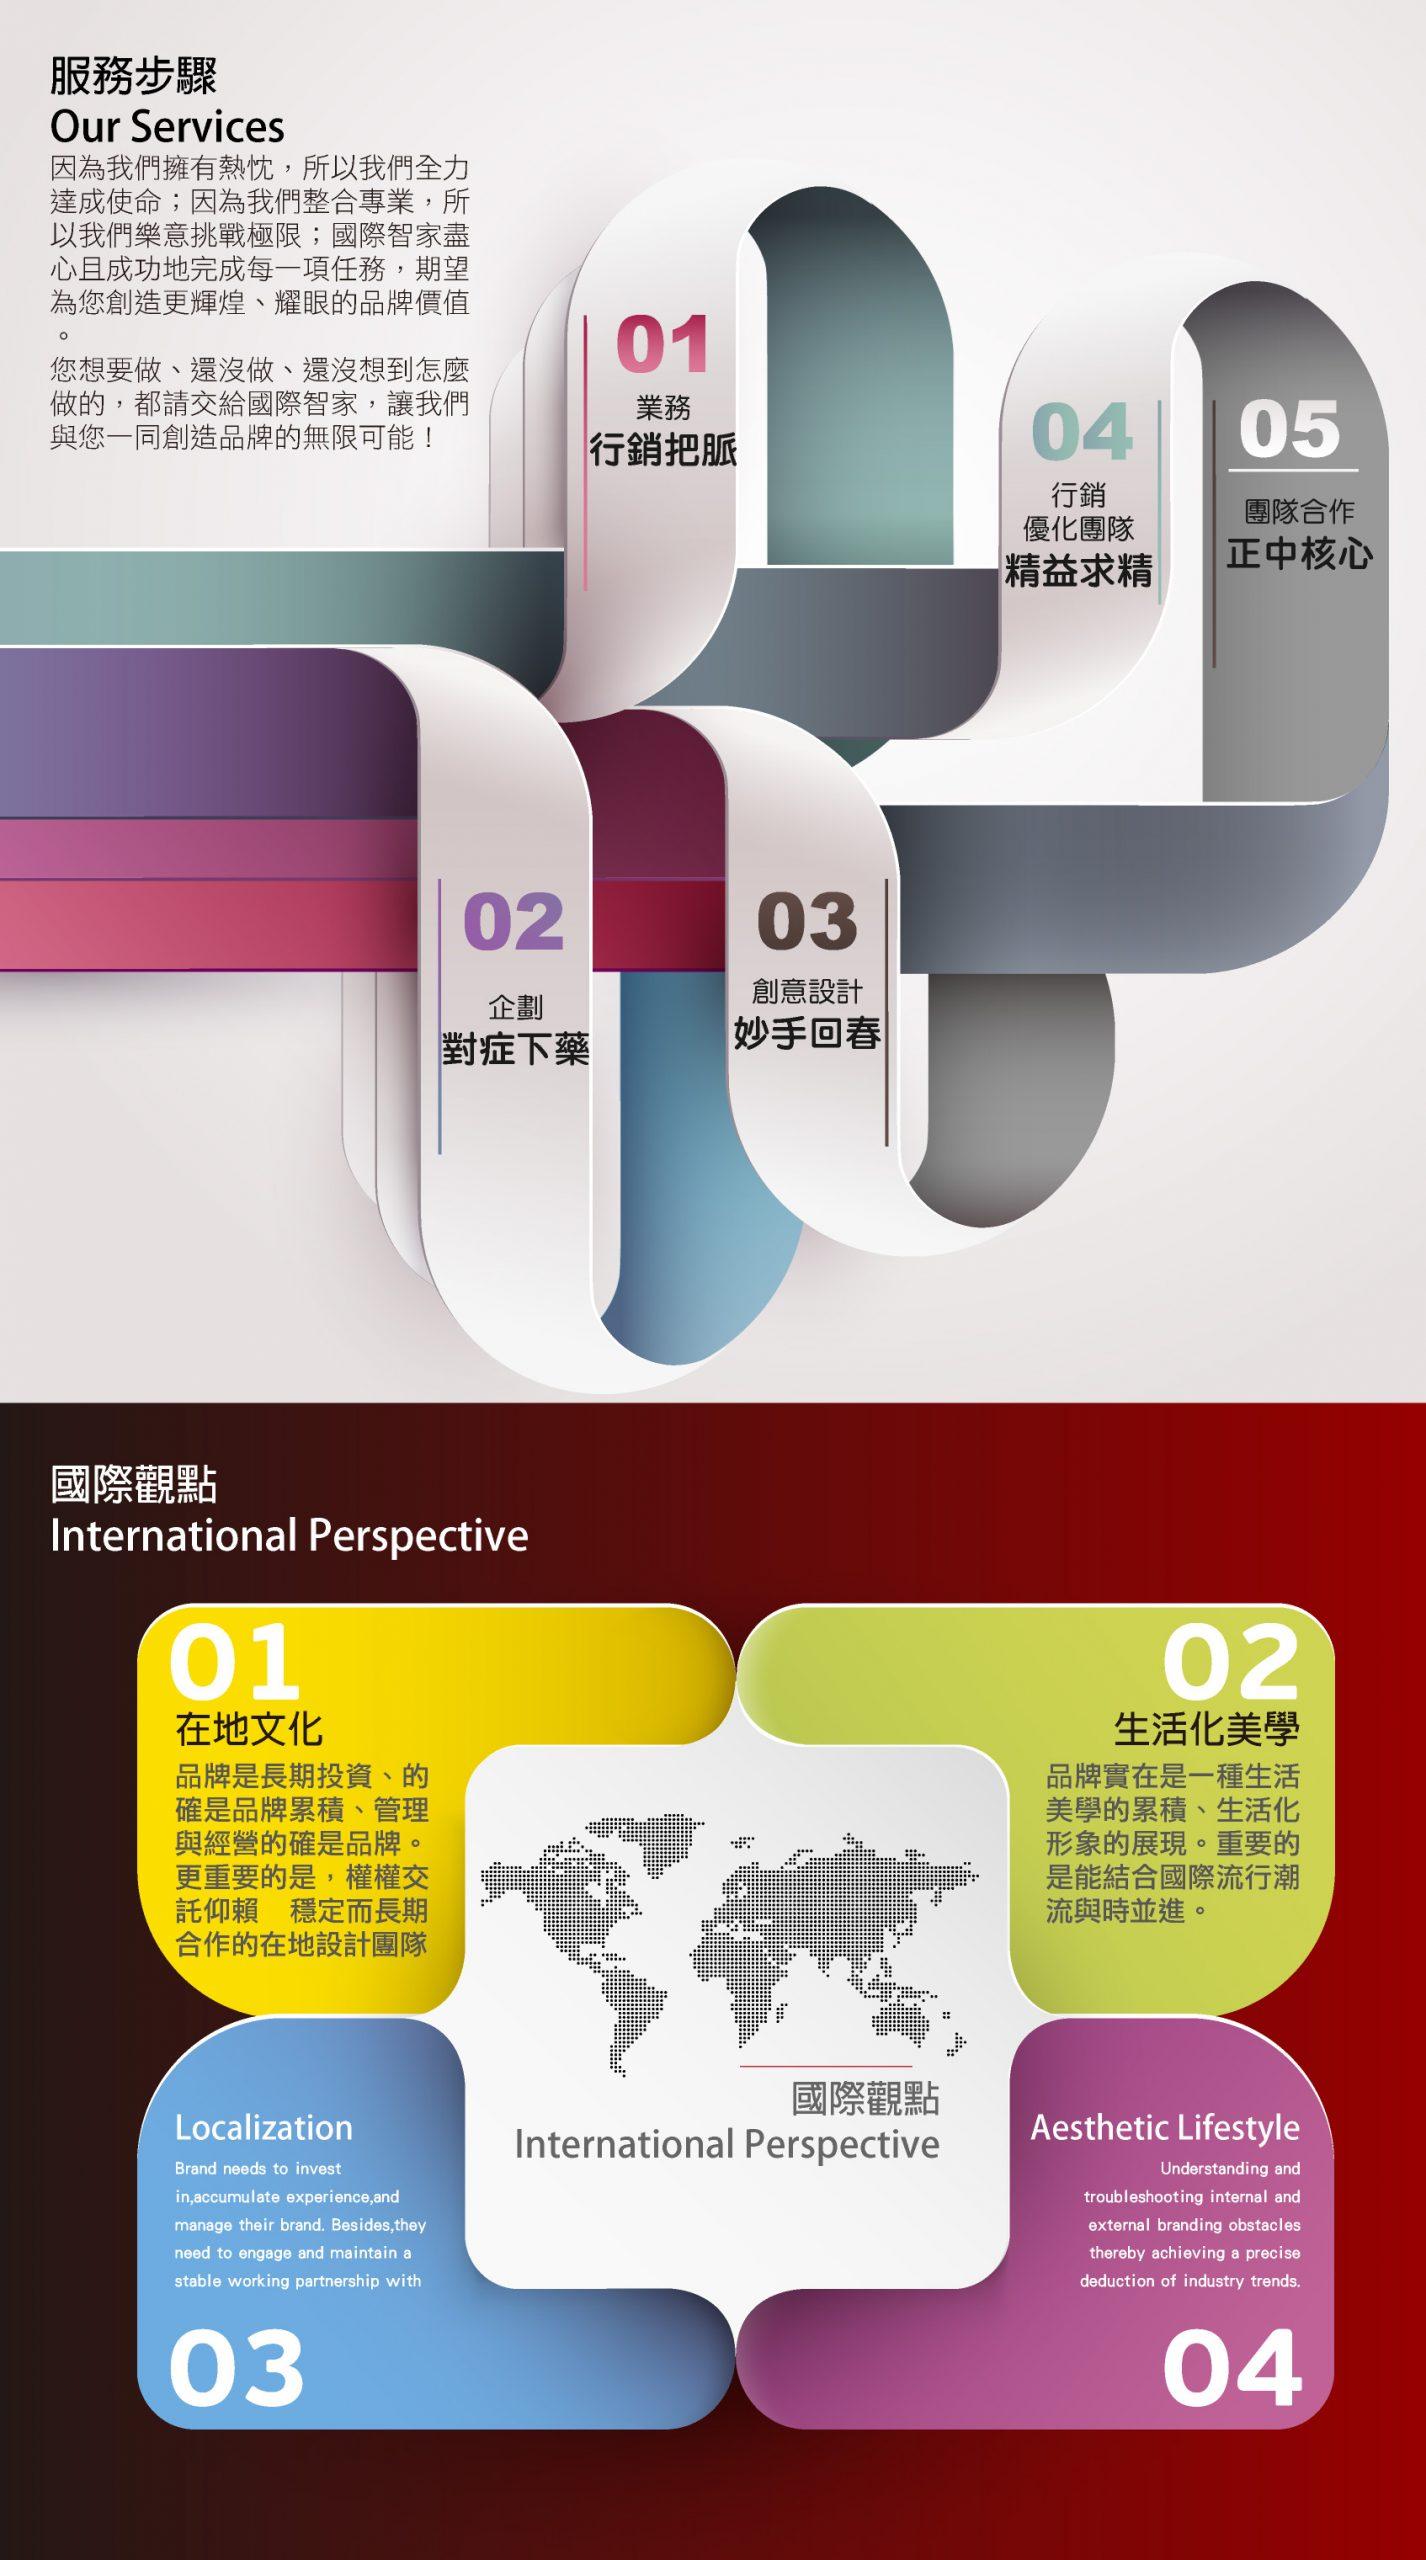 國際智家 服務項目